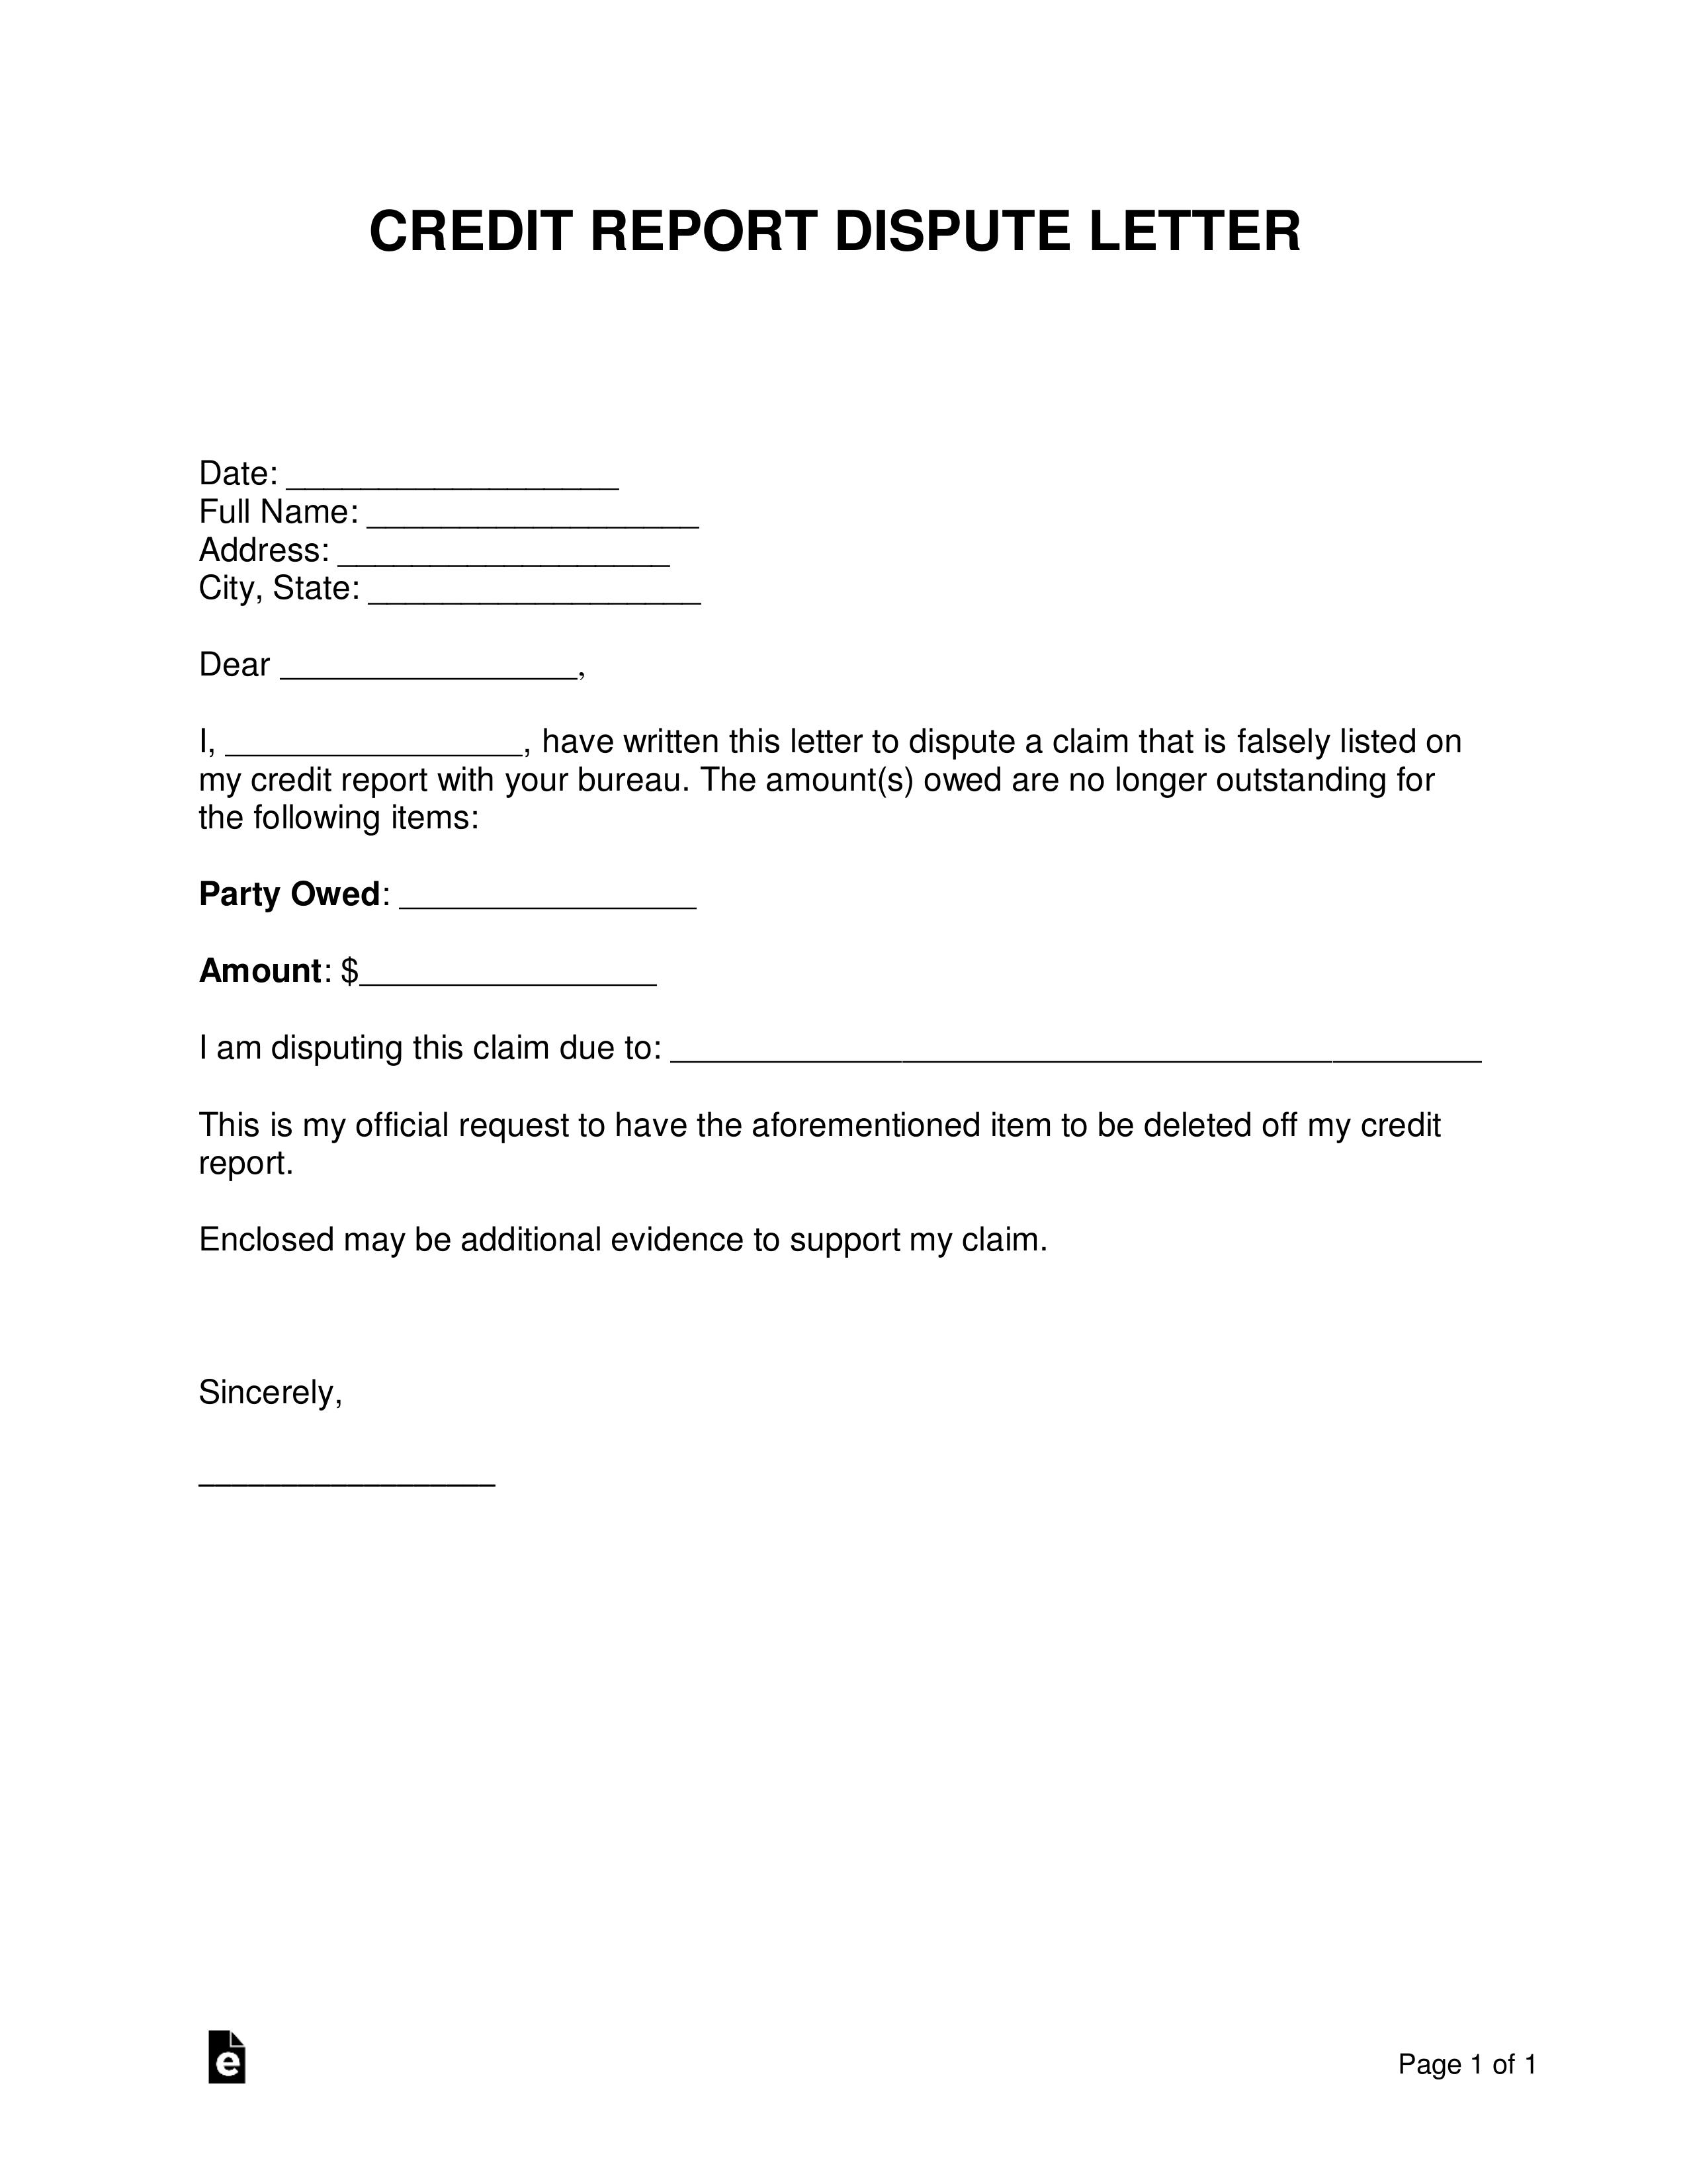 Dispute Credit Report Letter Template